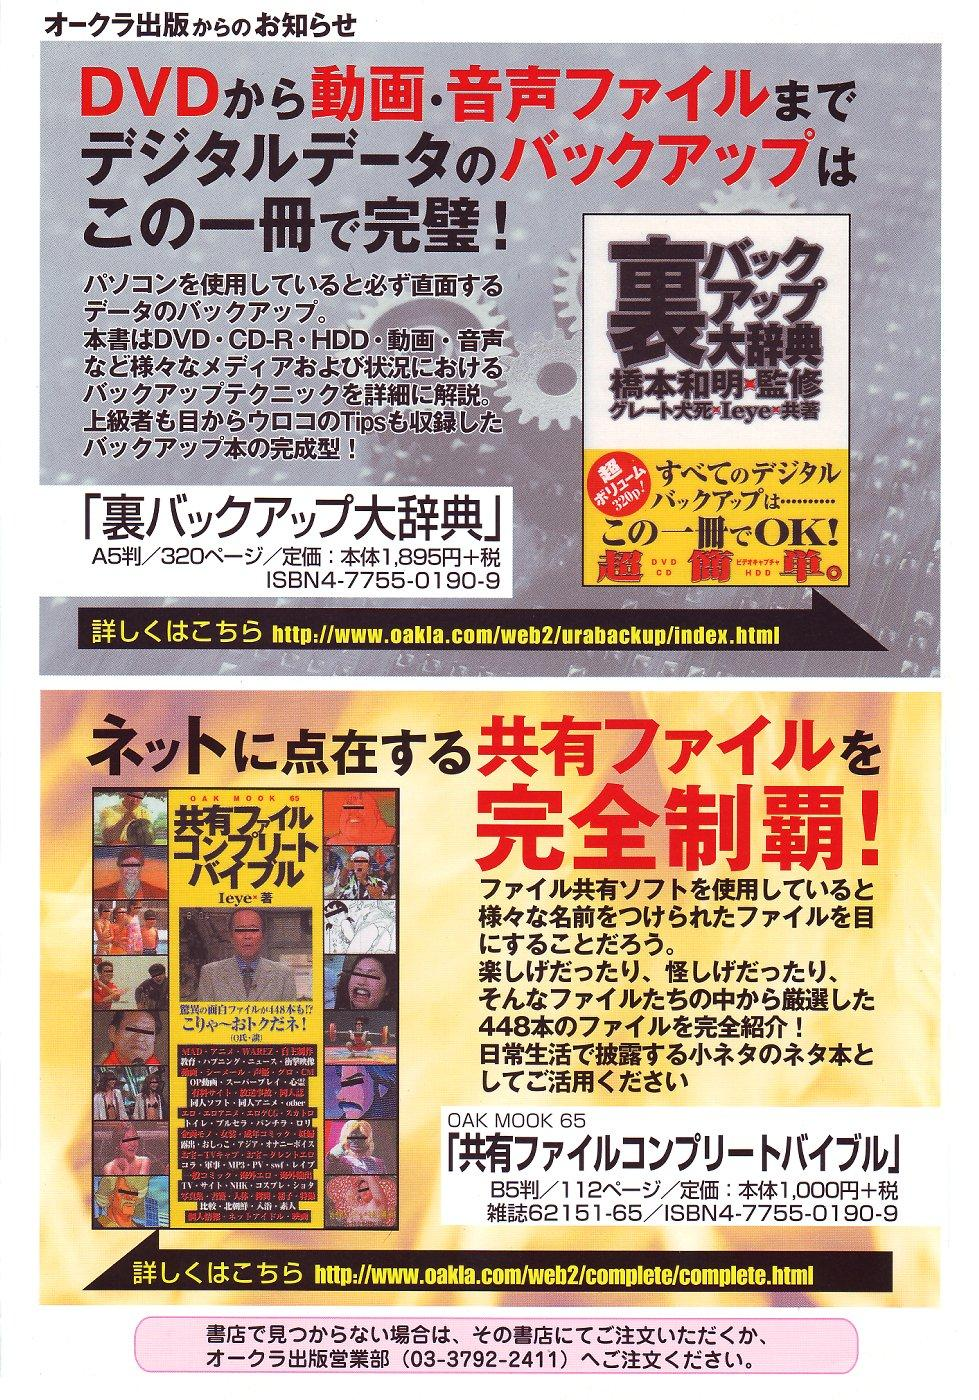 Gekkan Comic Muga 2004-06 Vol.10 434